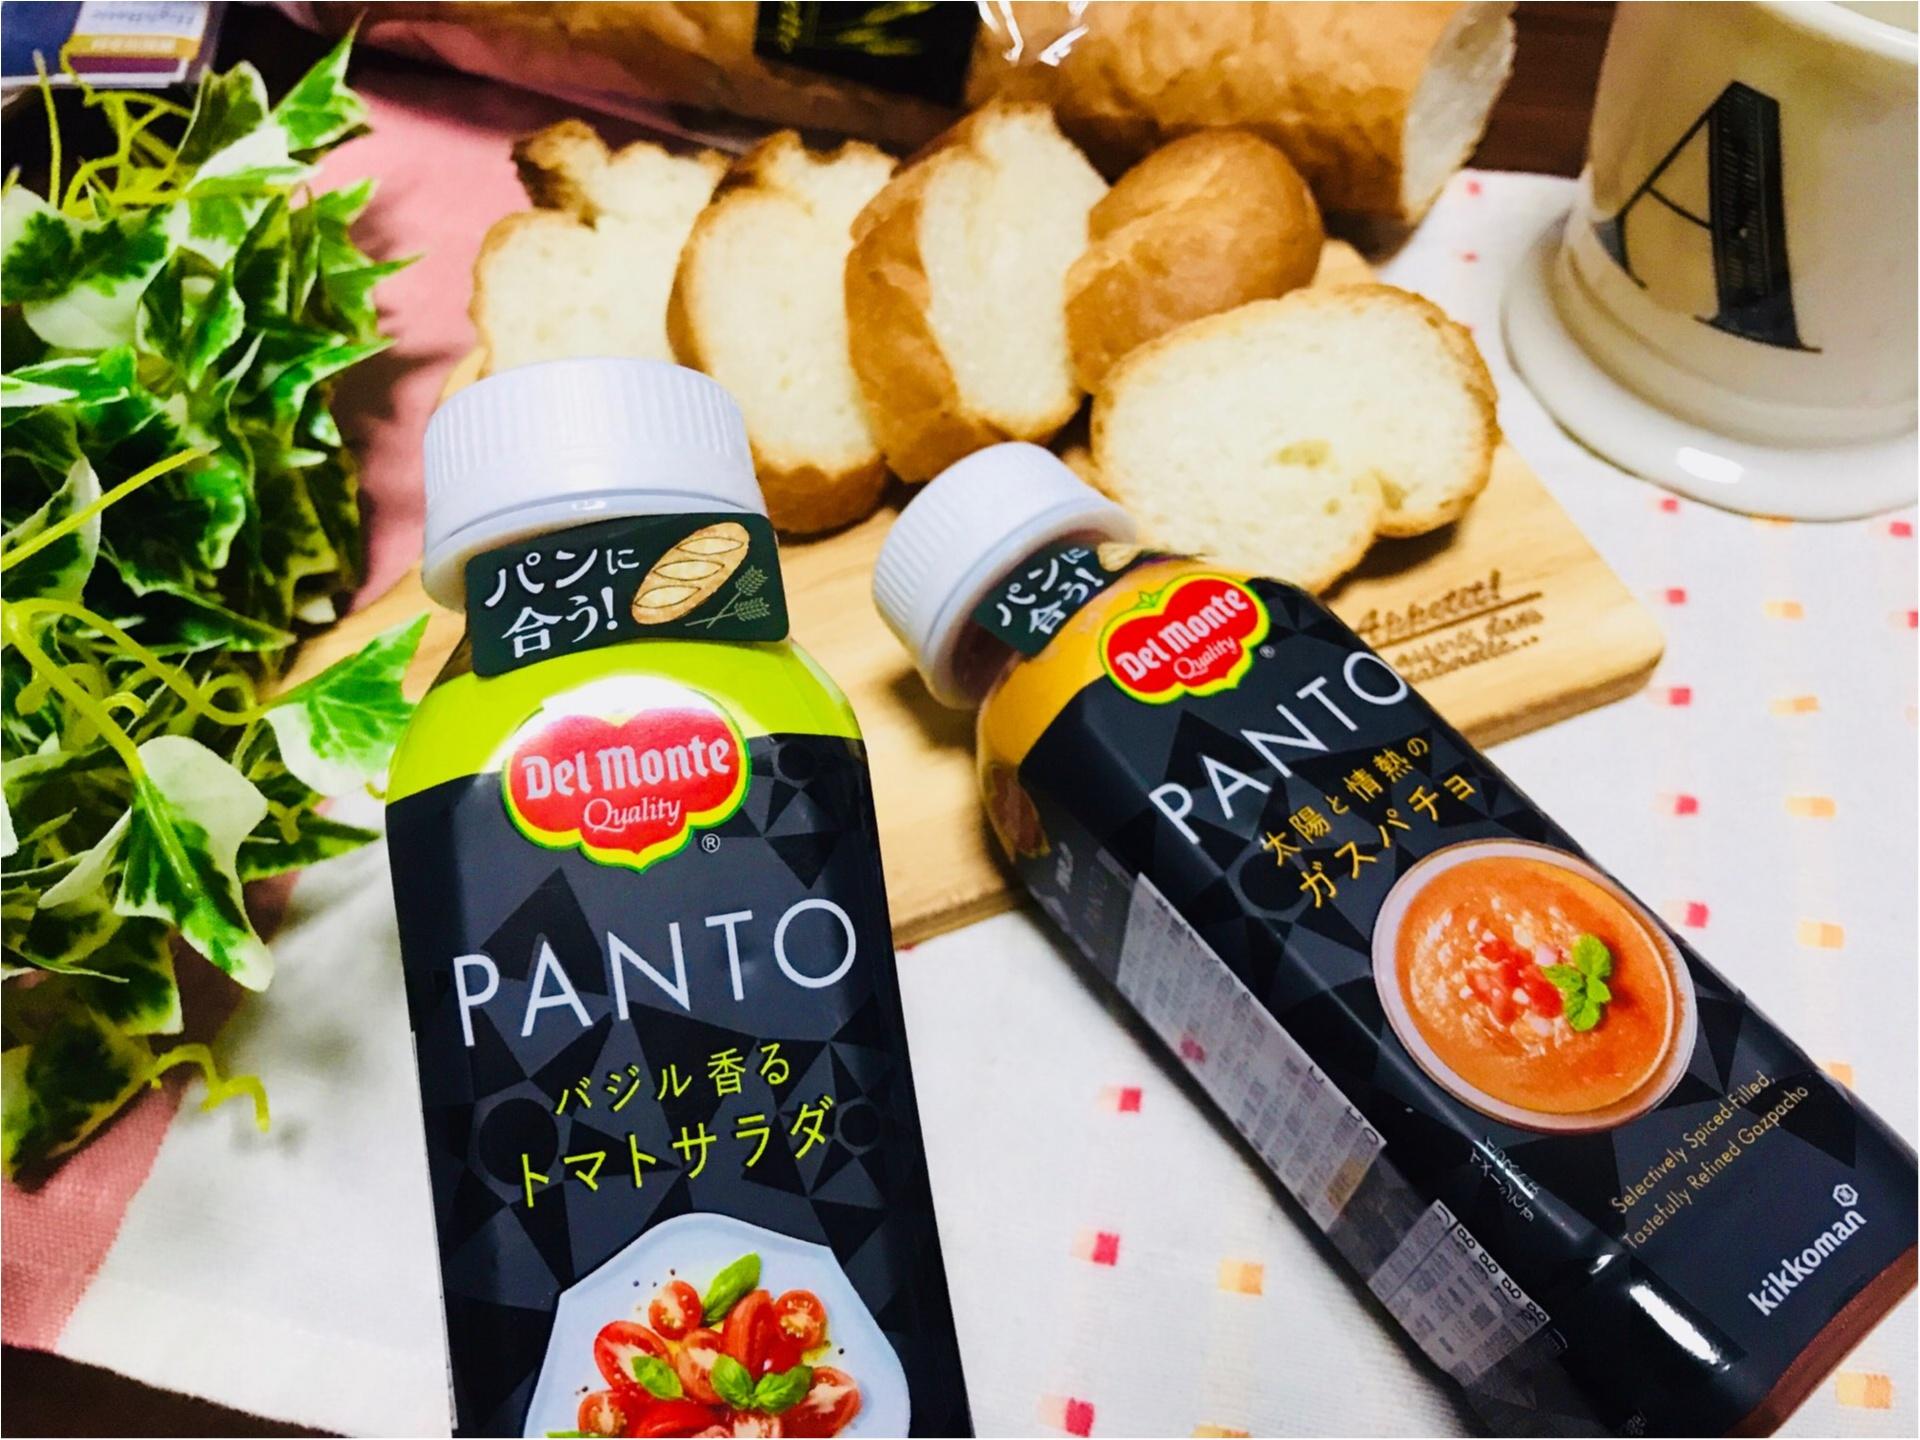 """パン好きさん必見★""""パン専用""""のトマト飲料【PANTO】が超美味♡朝ごはんにどうぞ!_1"""